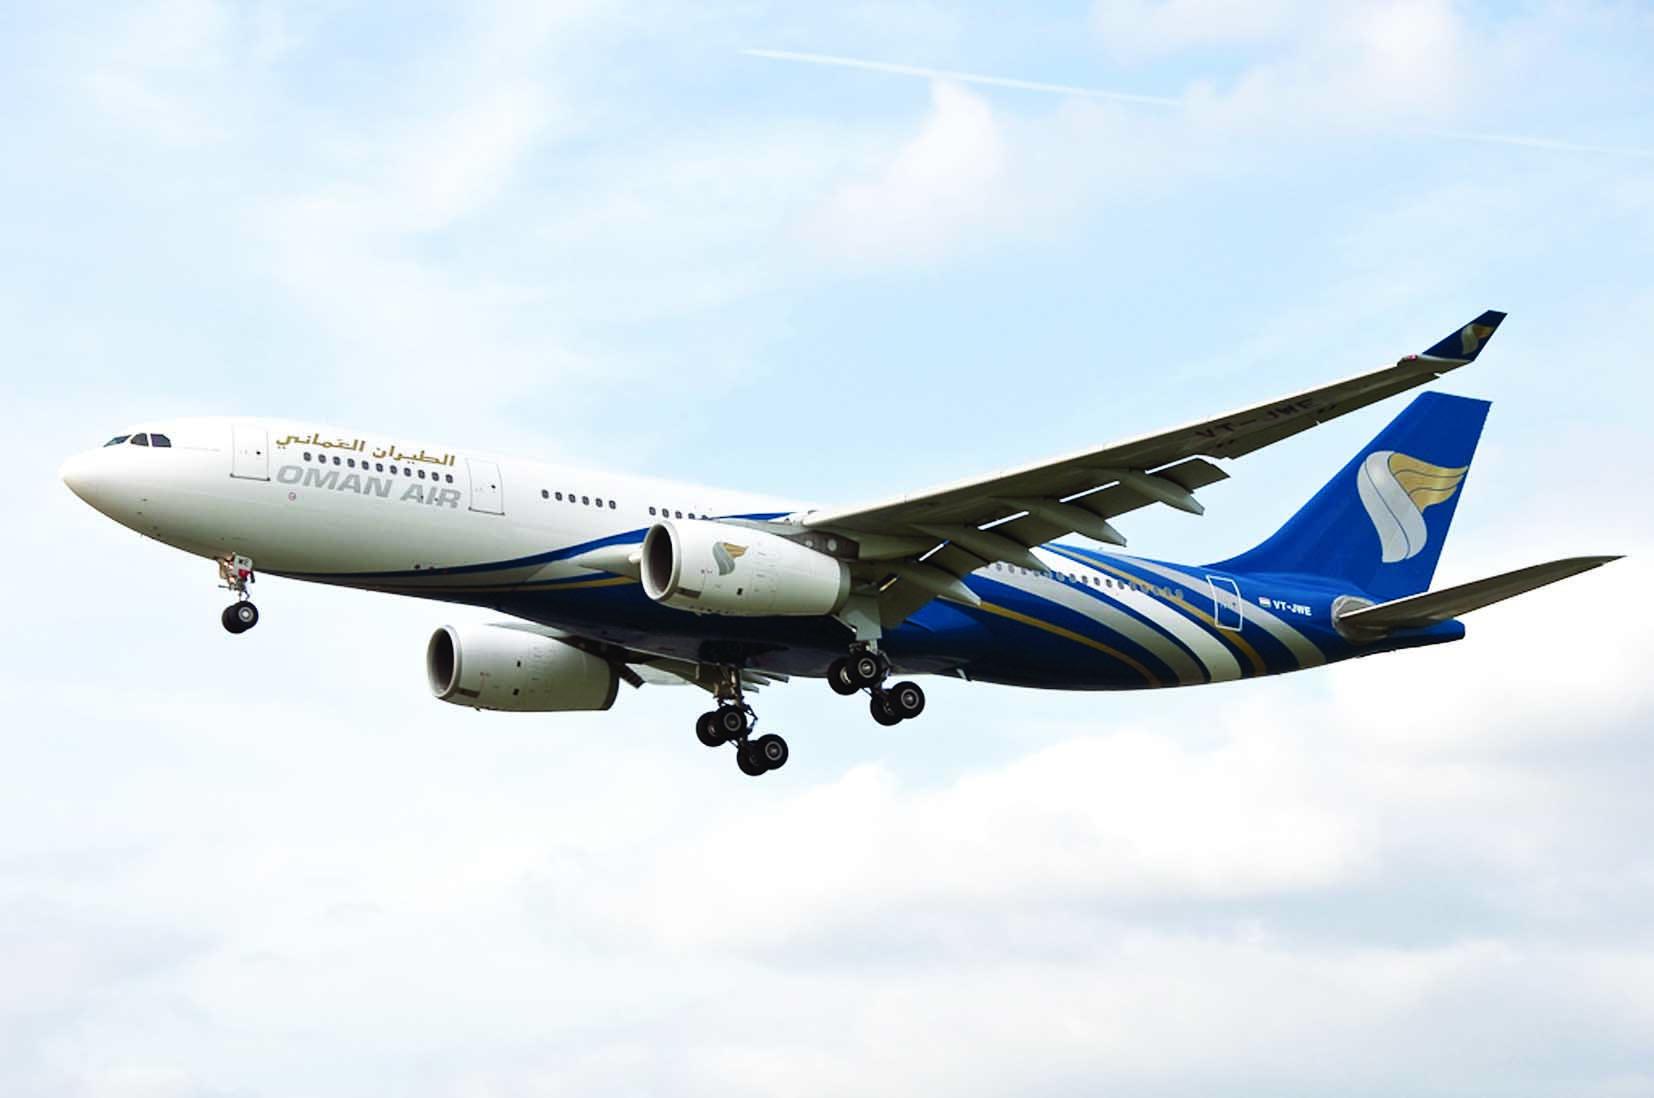 الطيران العُماني يقدم باقات عطلات سياحية لعشاق رياضة السيارات